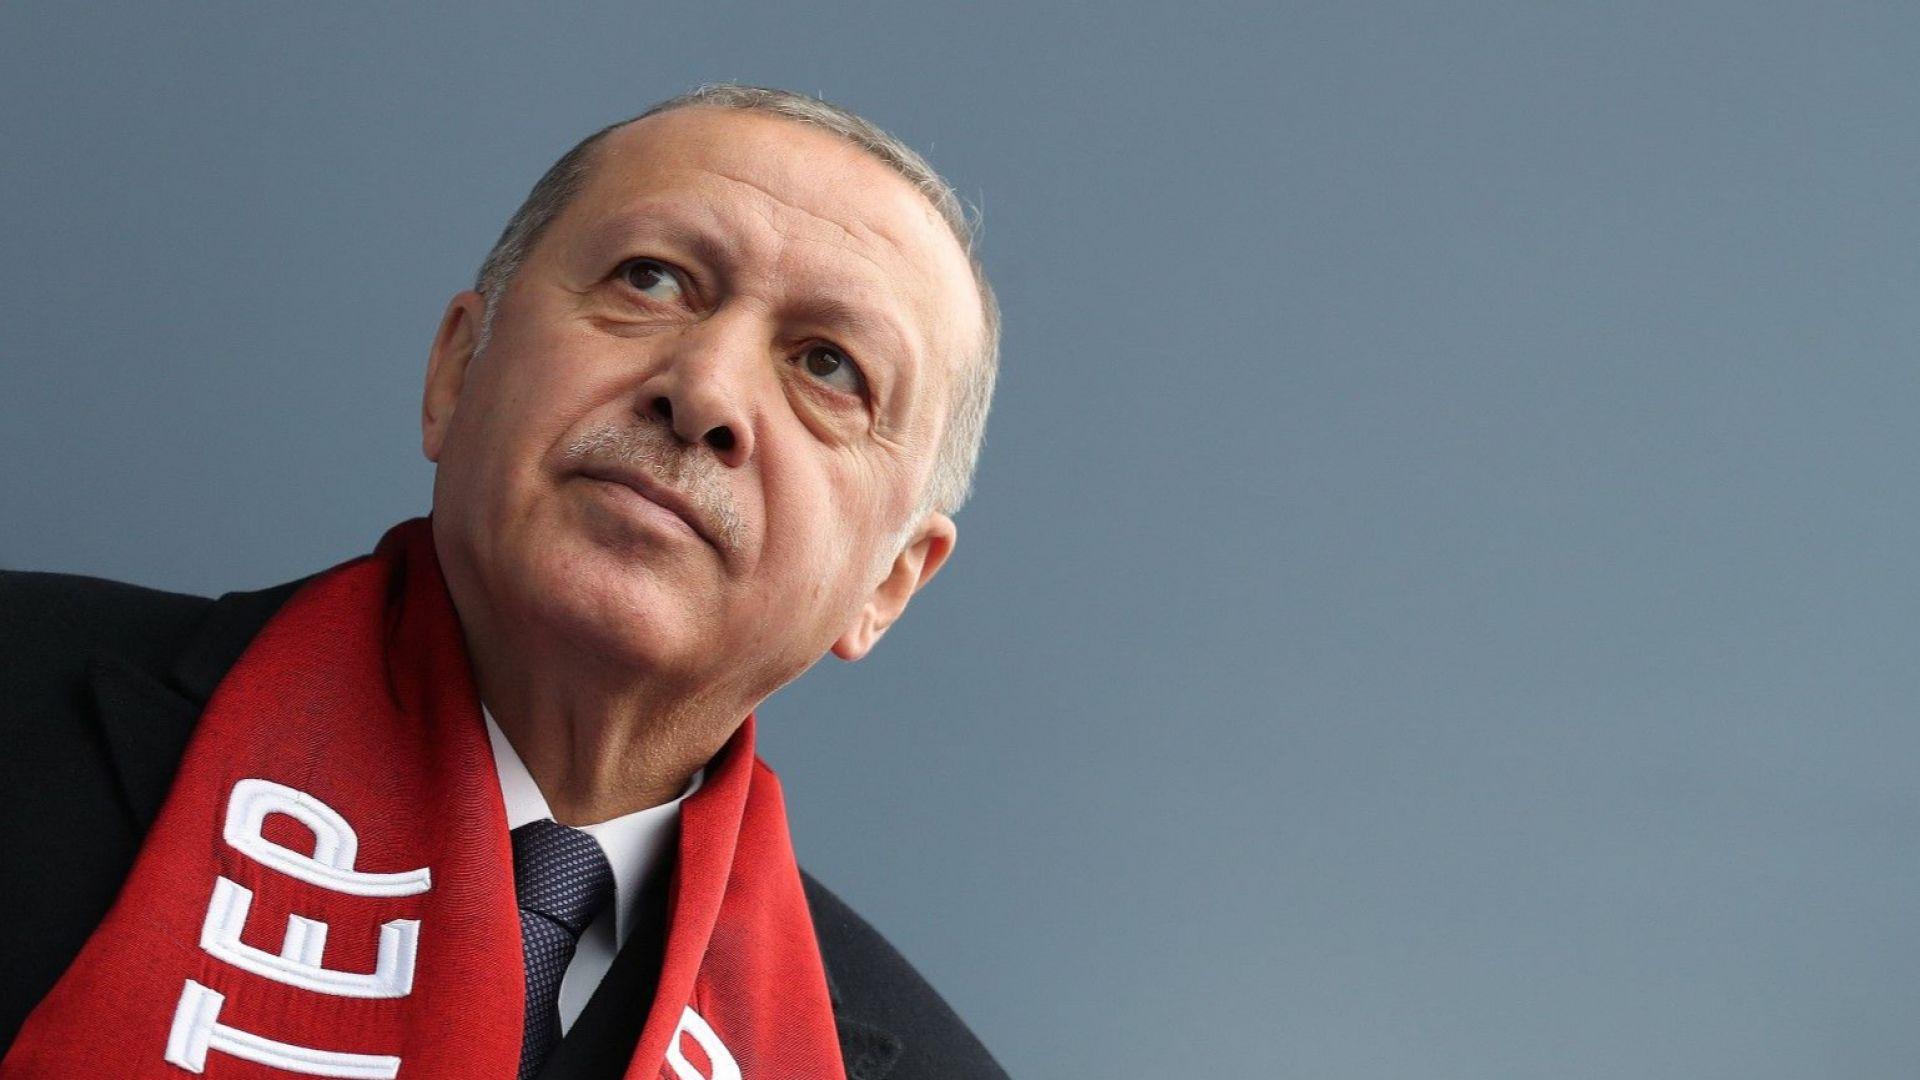 Партията на Ердоган иска анулиране на изборите в Истанбул и свикване на нови